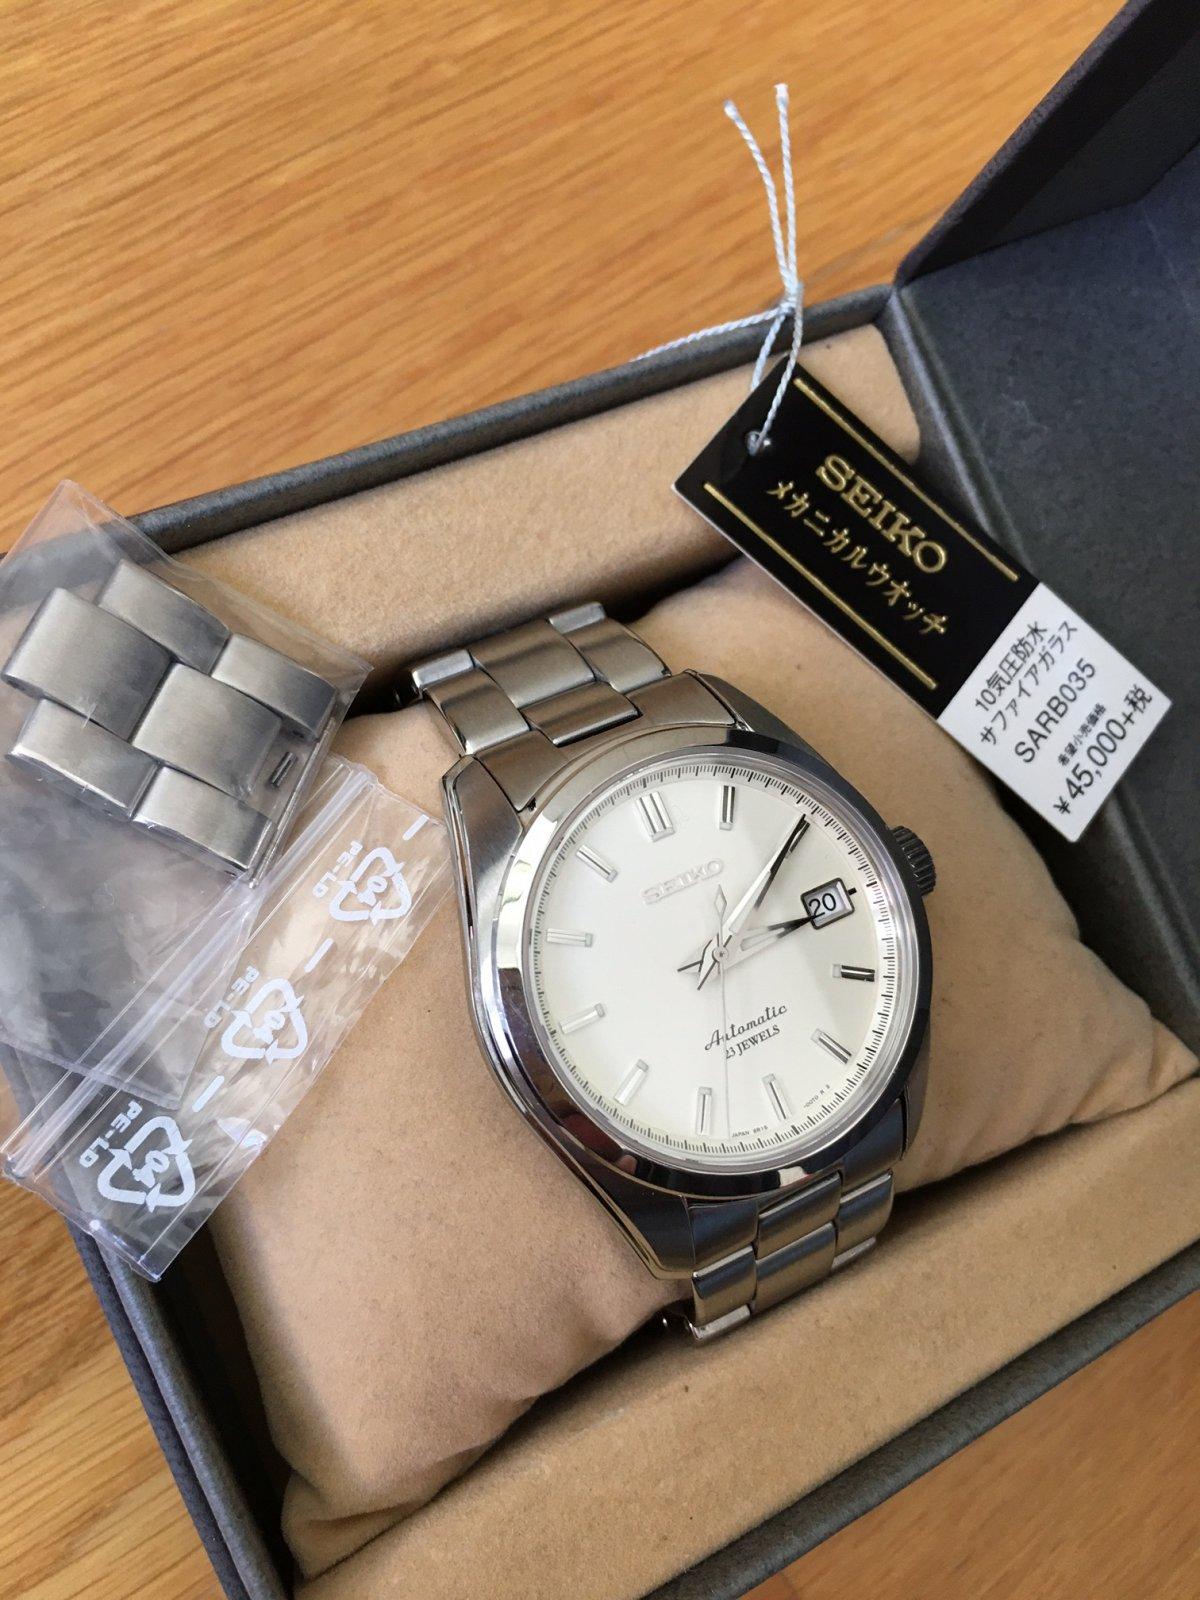 Sarb035-Box.JPG